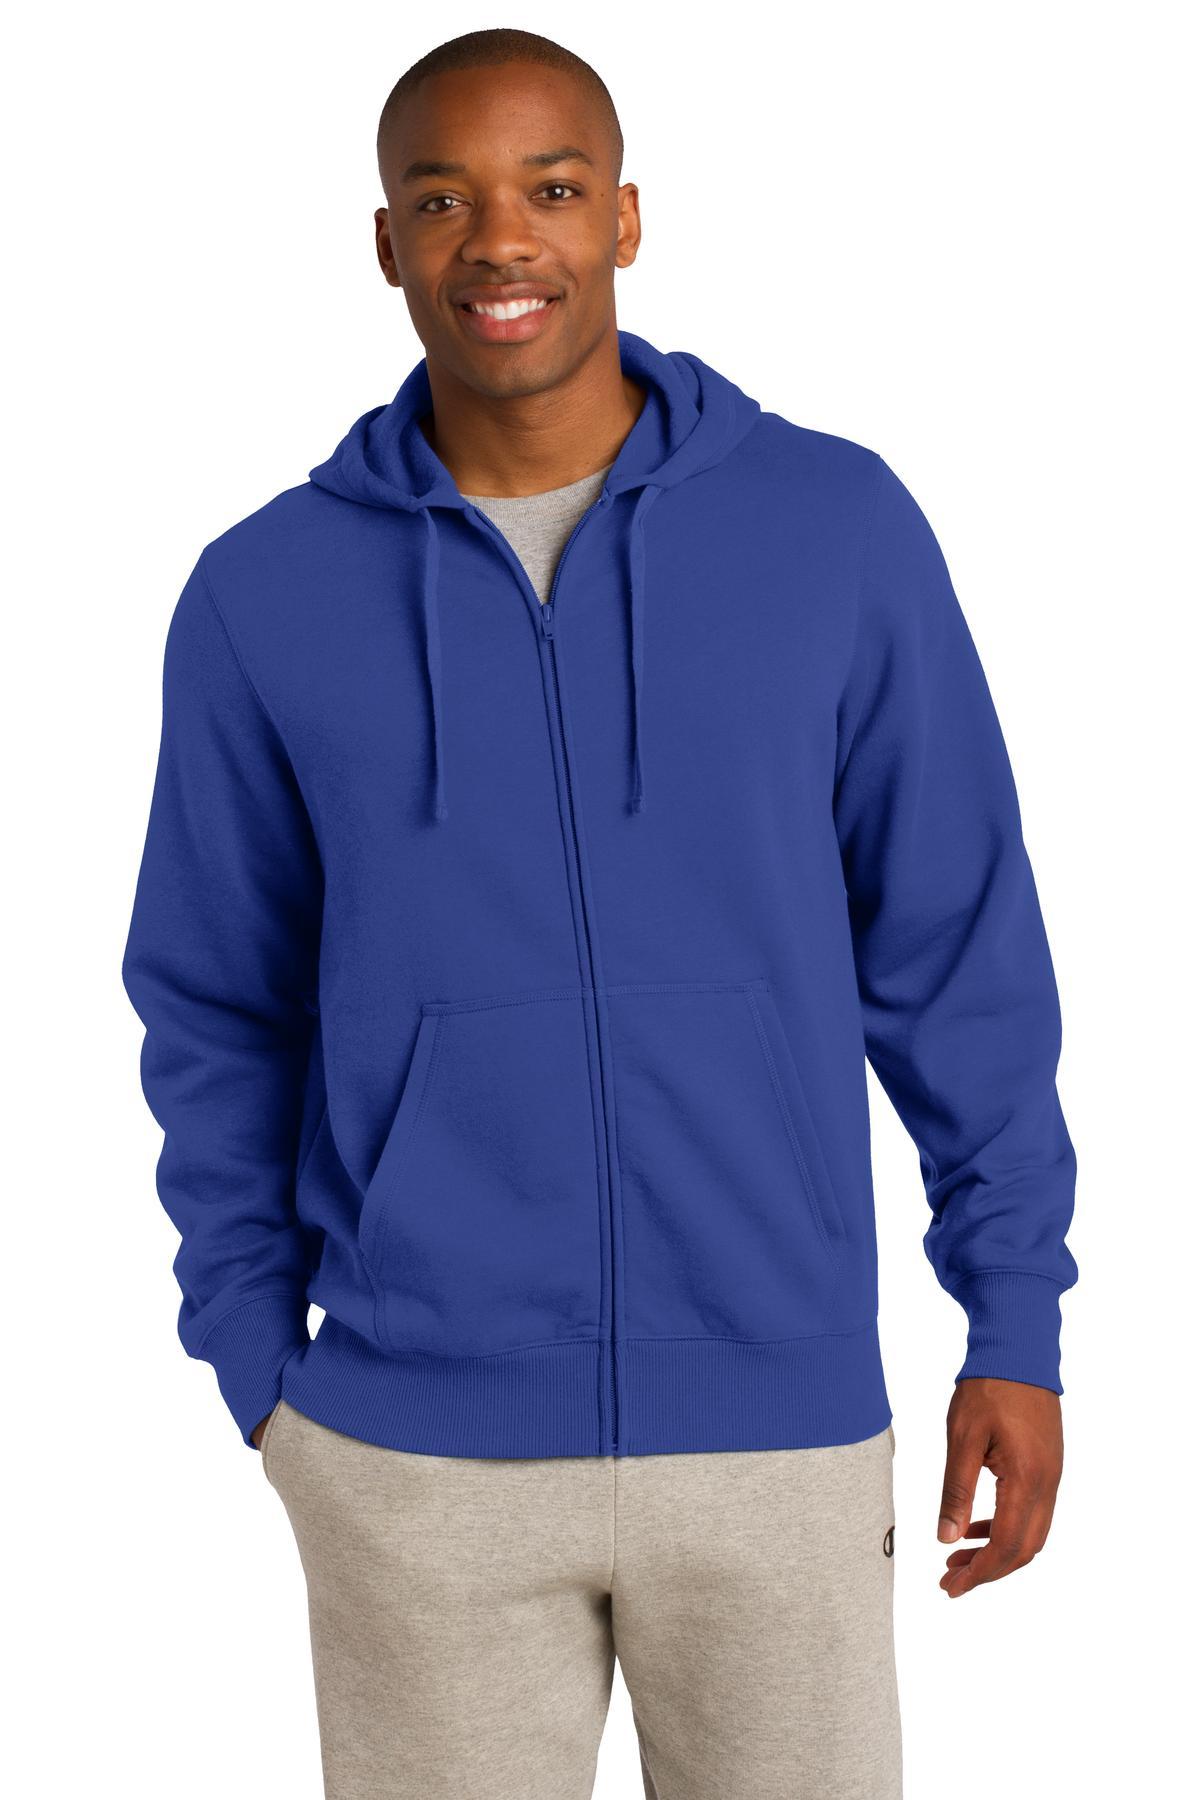 Sweatshirts-Fleece-Hooded-61